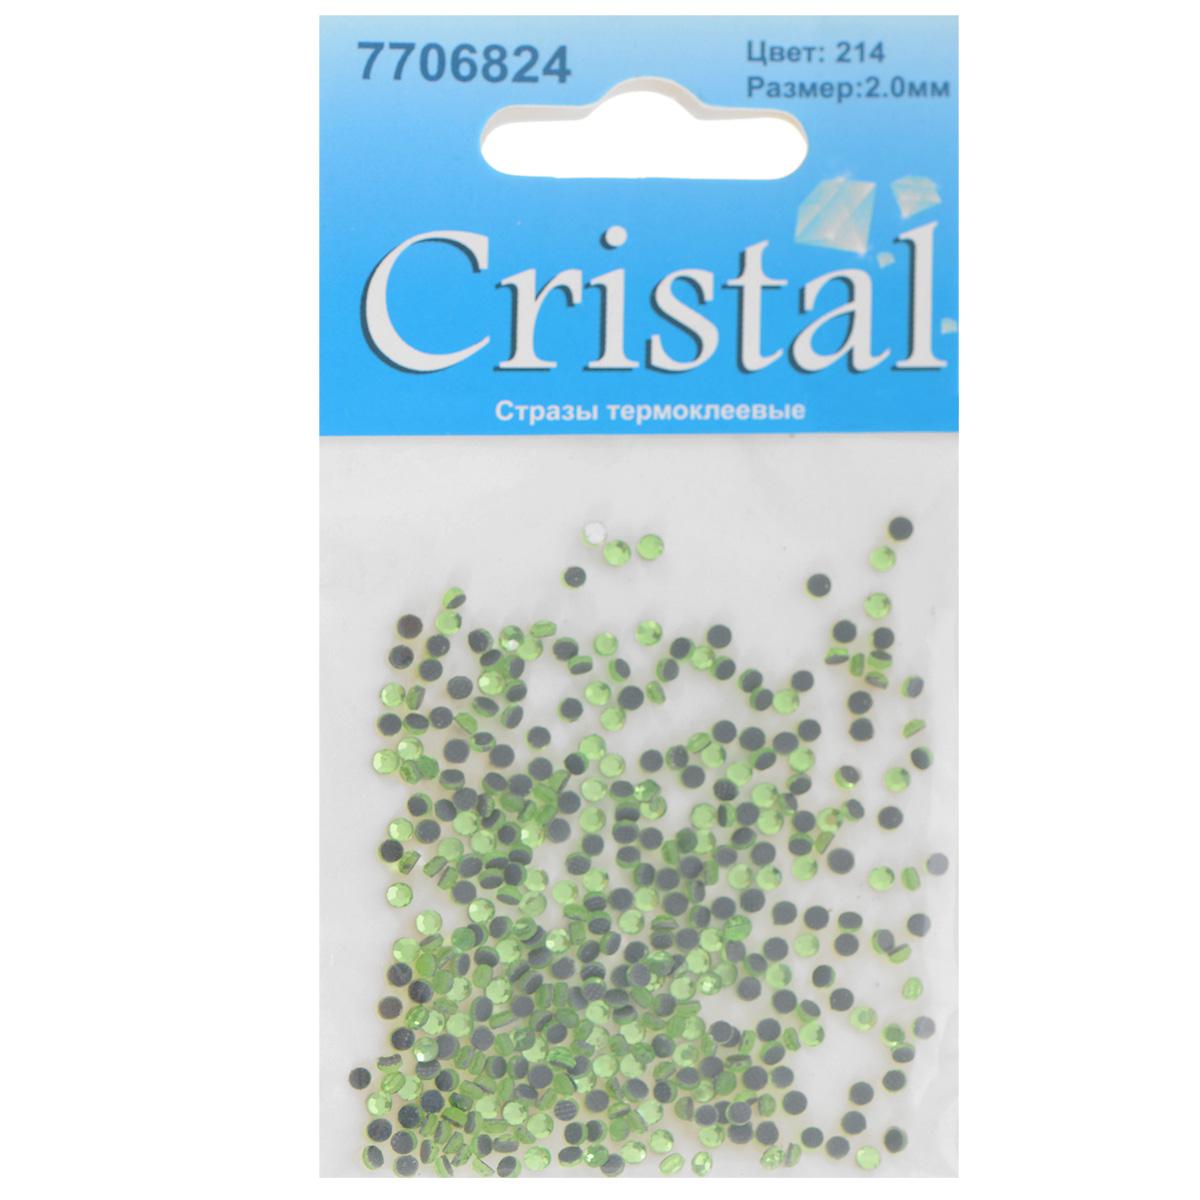 """Стразы термоклеевые """"Cristal"""", цвет: светло-зеленый (214), диаметр 2 мм, 432 шт"""